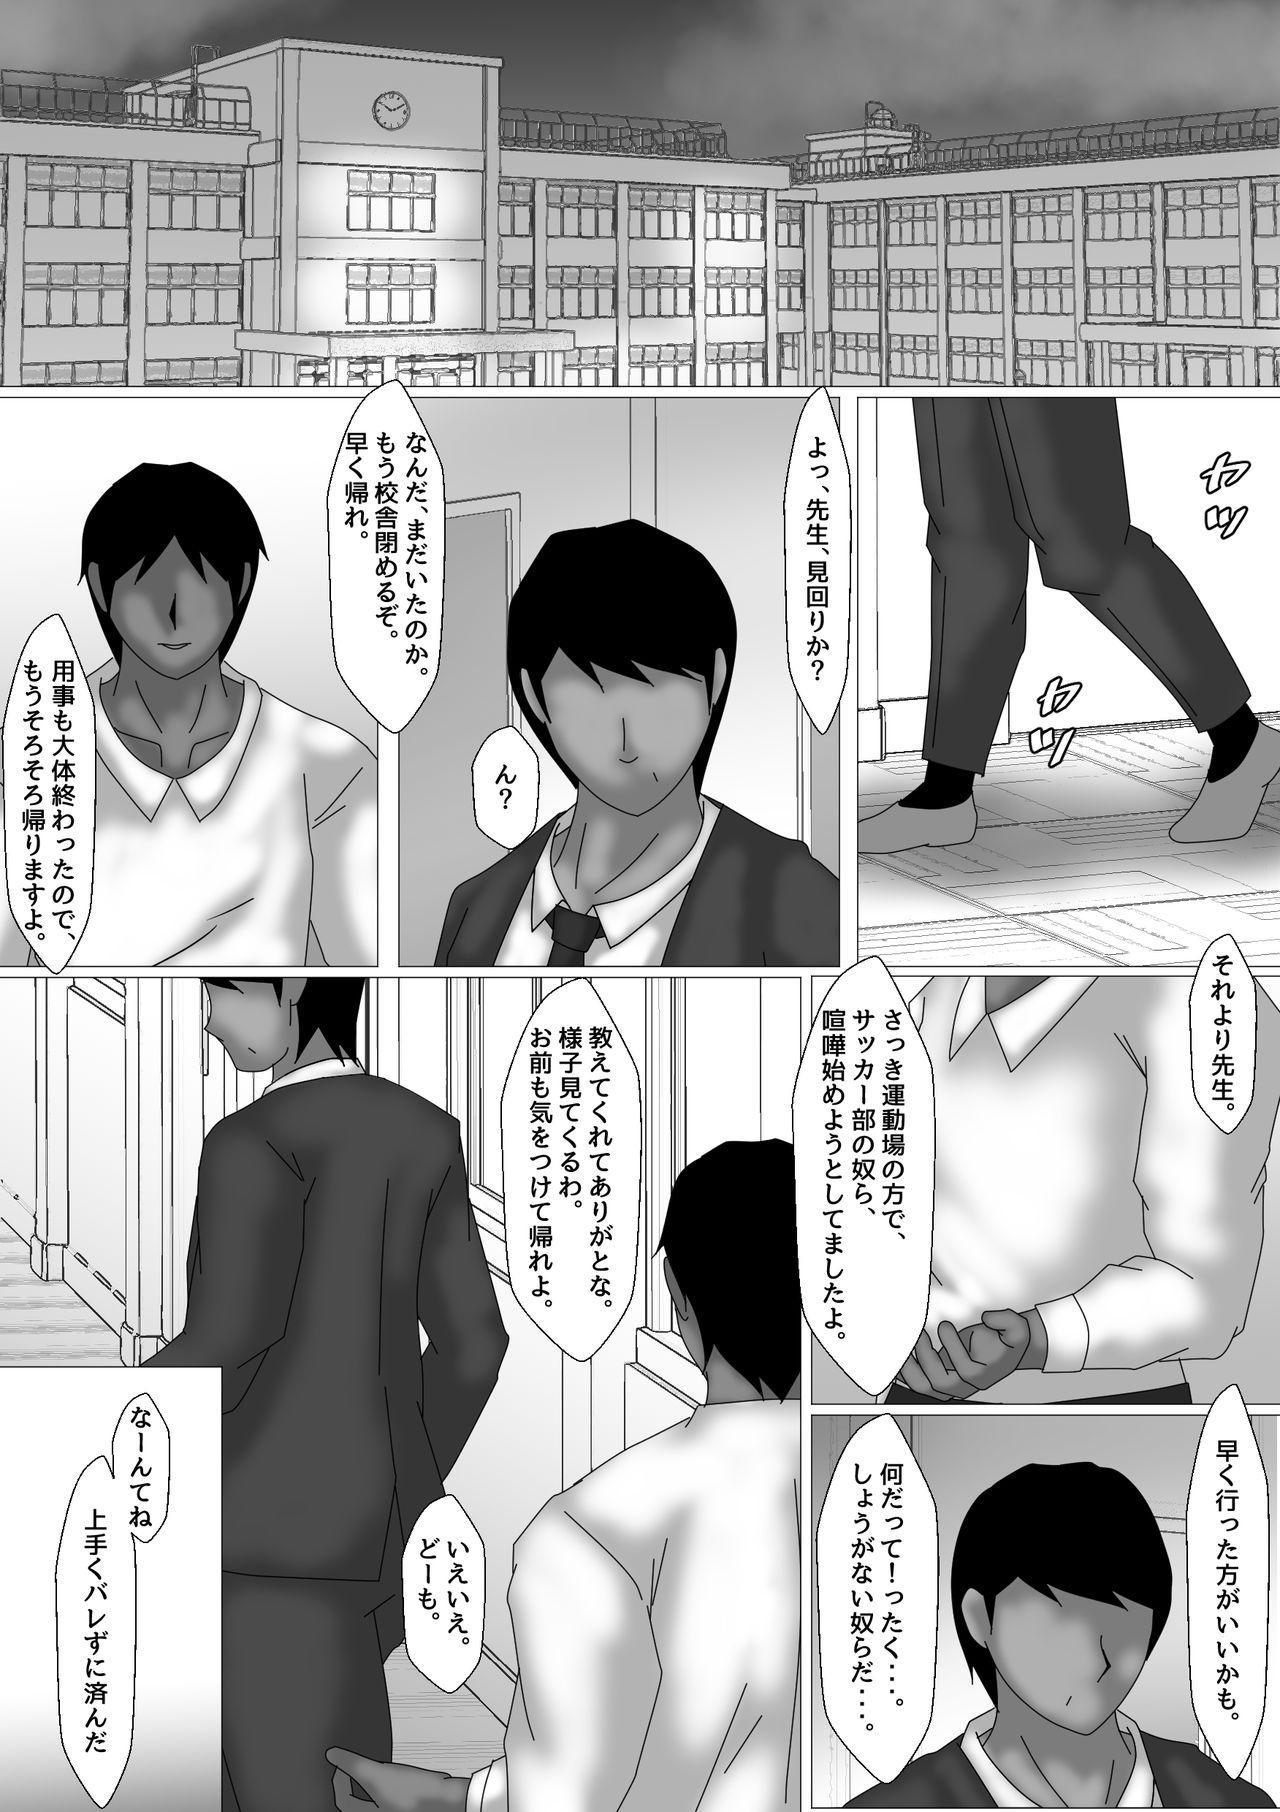 Onna Kyoushi Shinozaki Rin no Choukyou Kiroku 36